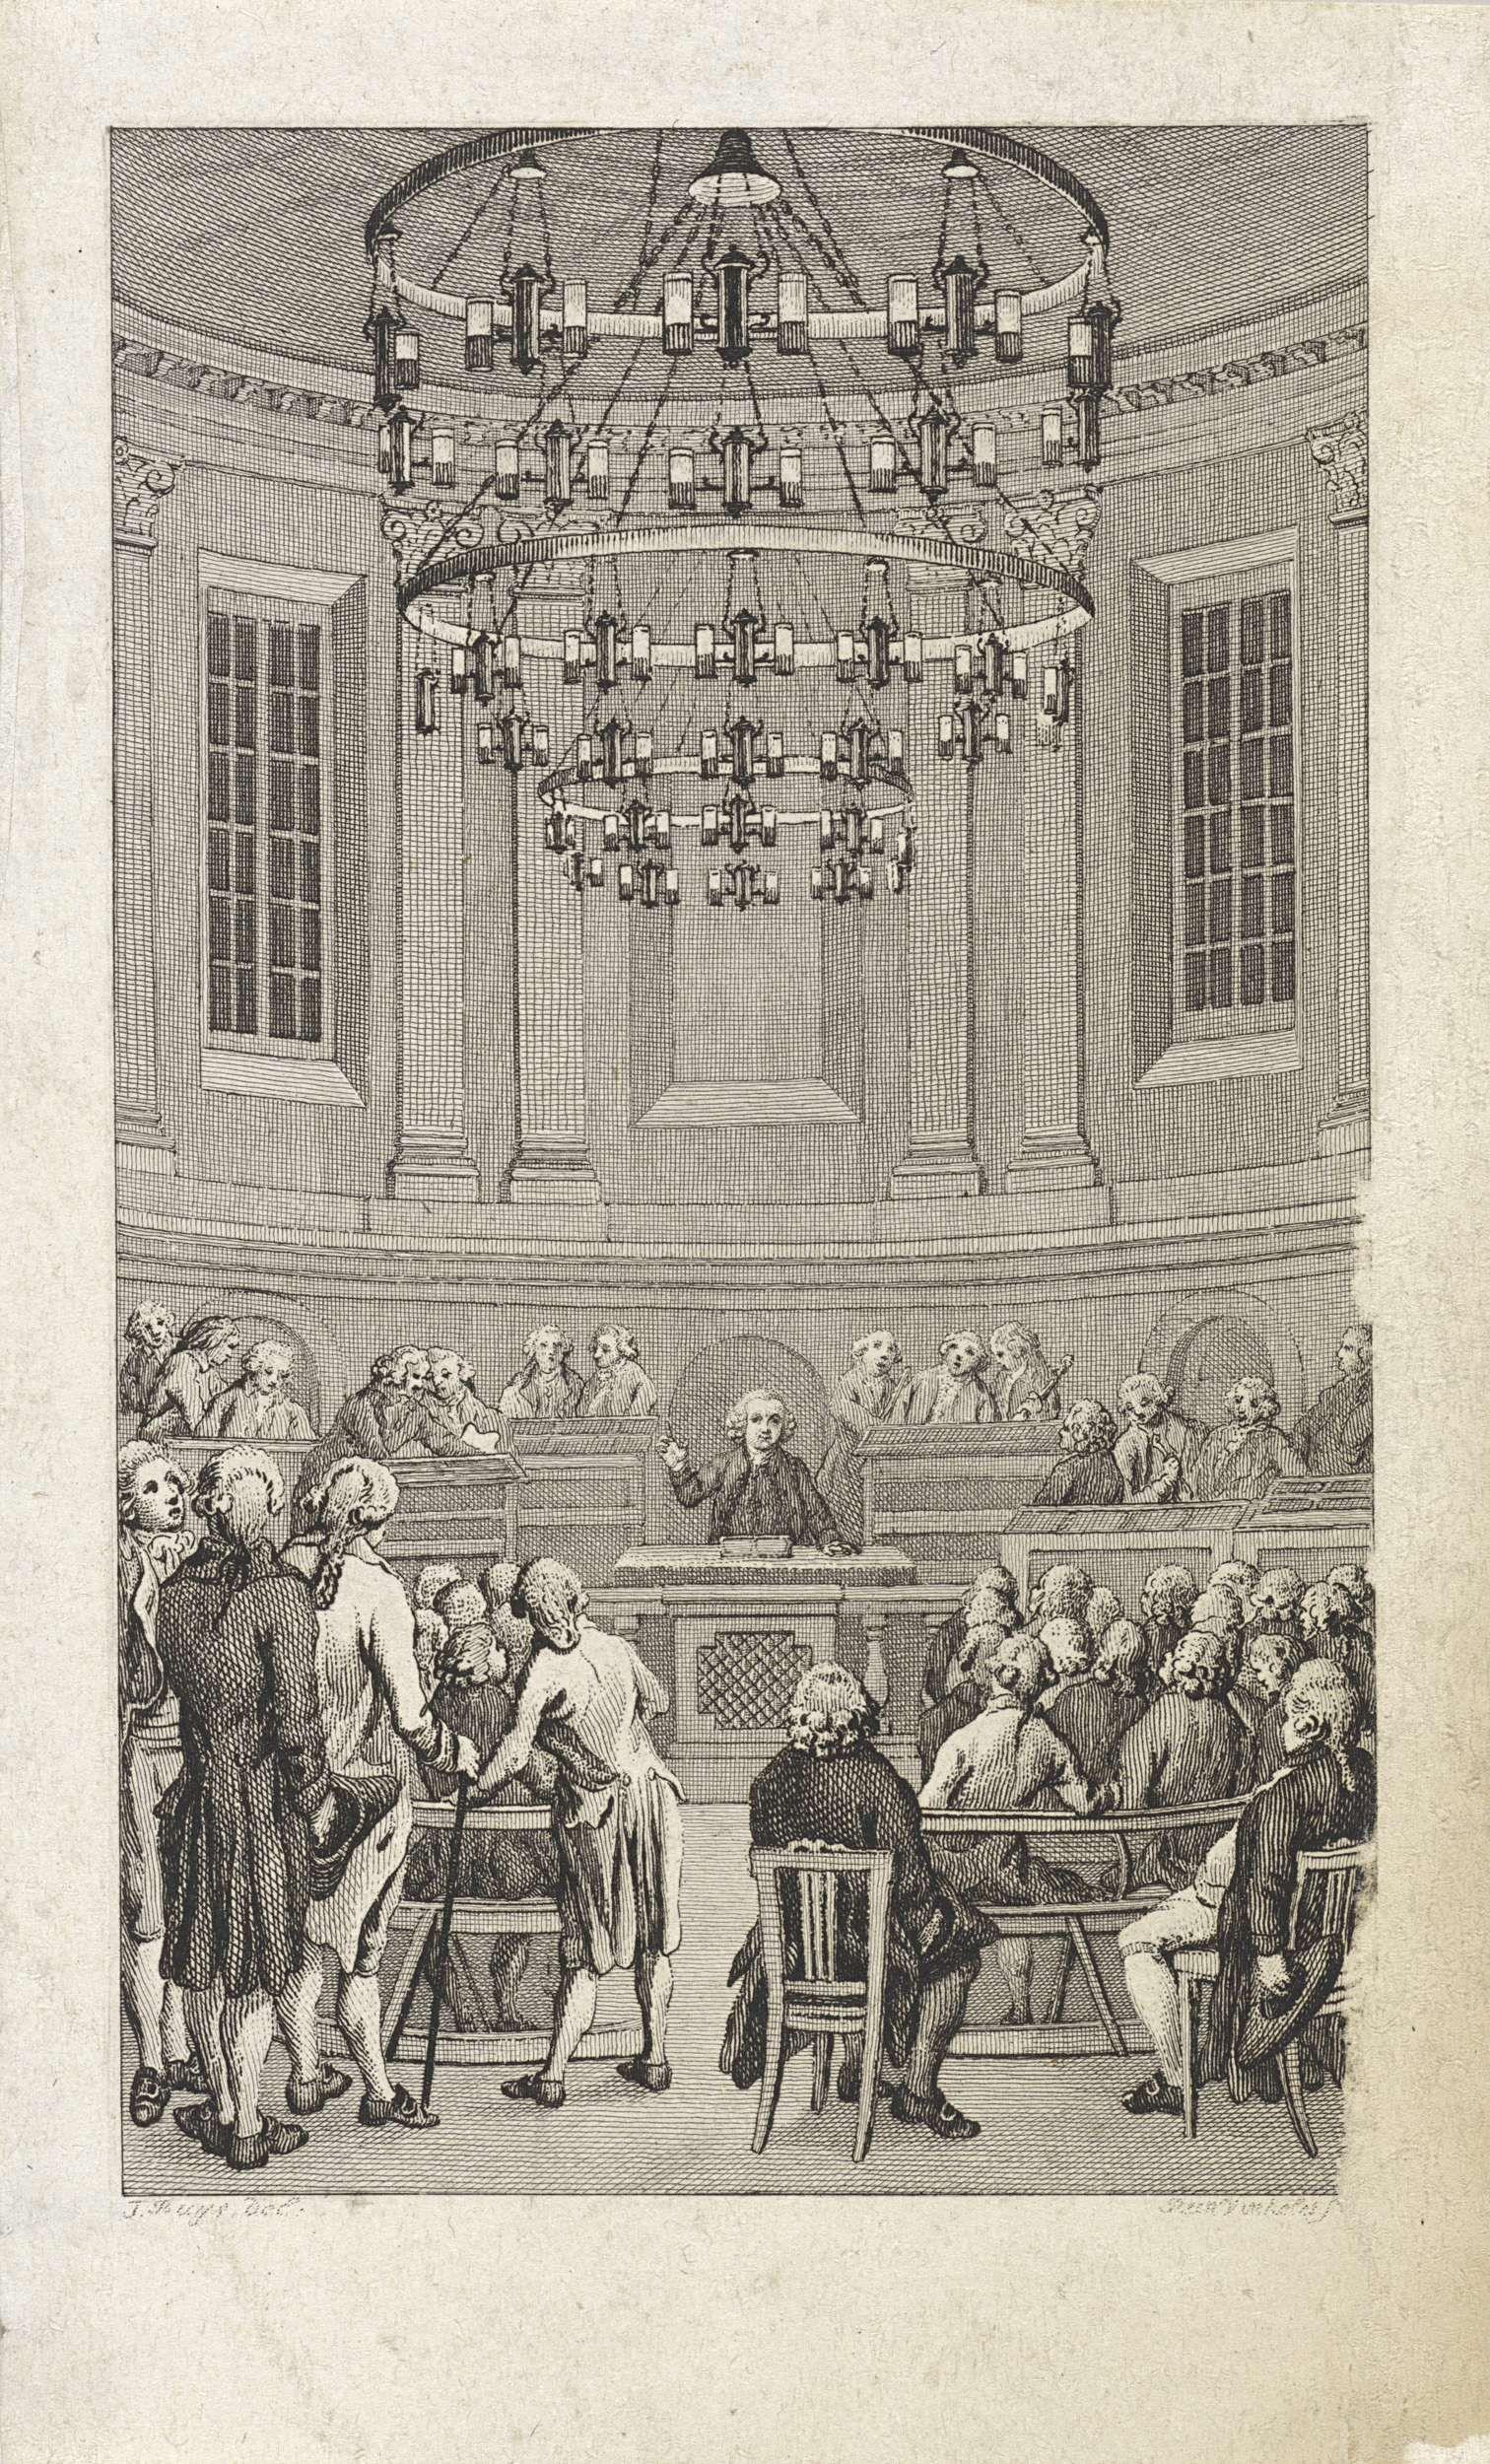 Reinier Vinkeles   Inwijding van Felix Meritis, 1789, Reinier Vinkeles, 1799   Inwijding van het gebouw van de maatschappij Felix Meritis te Amsterdam, 1789. Professor Andreas Bonn spreekt in de Concertzaal.